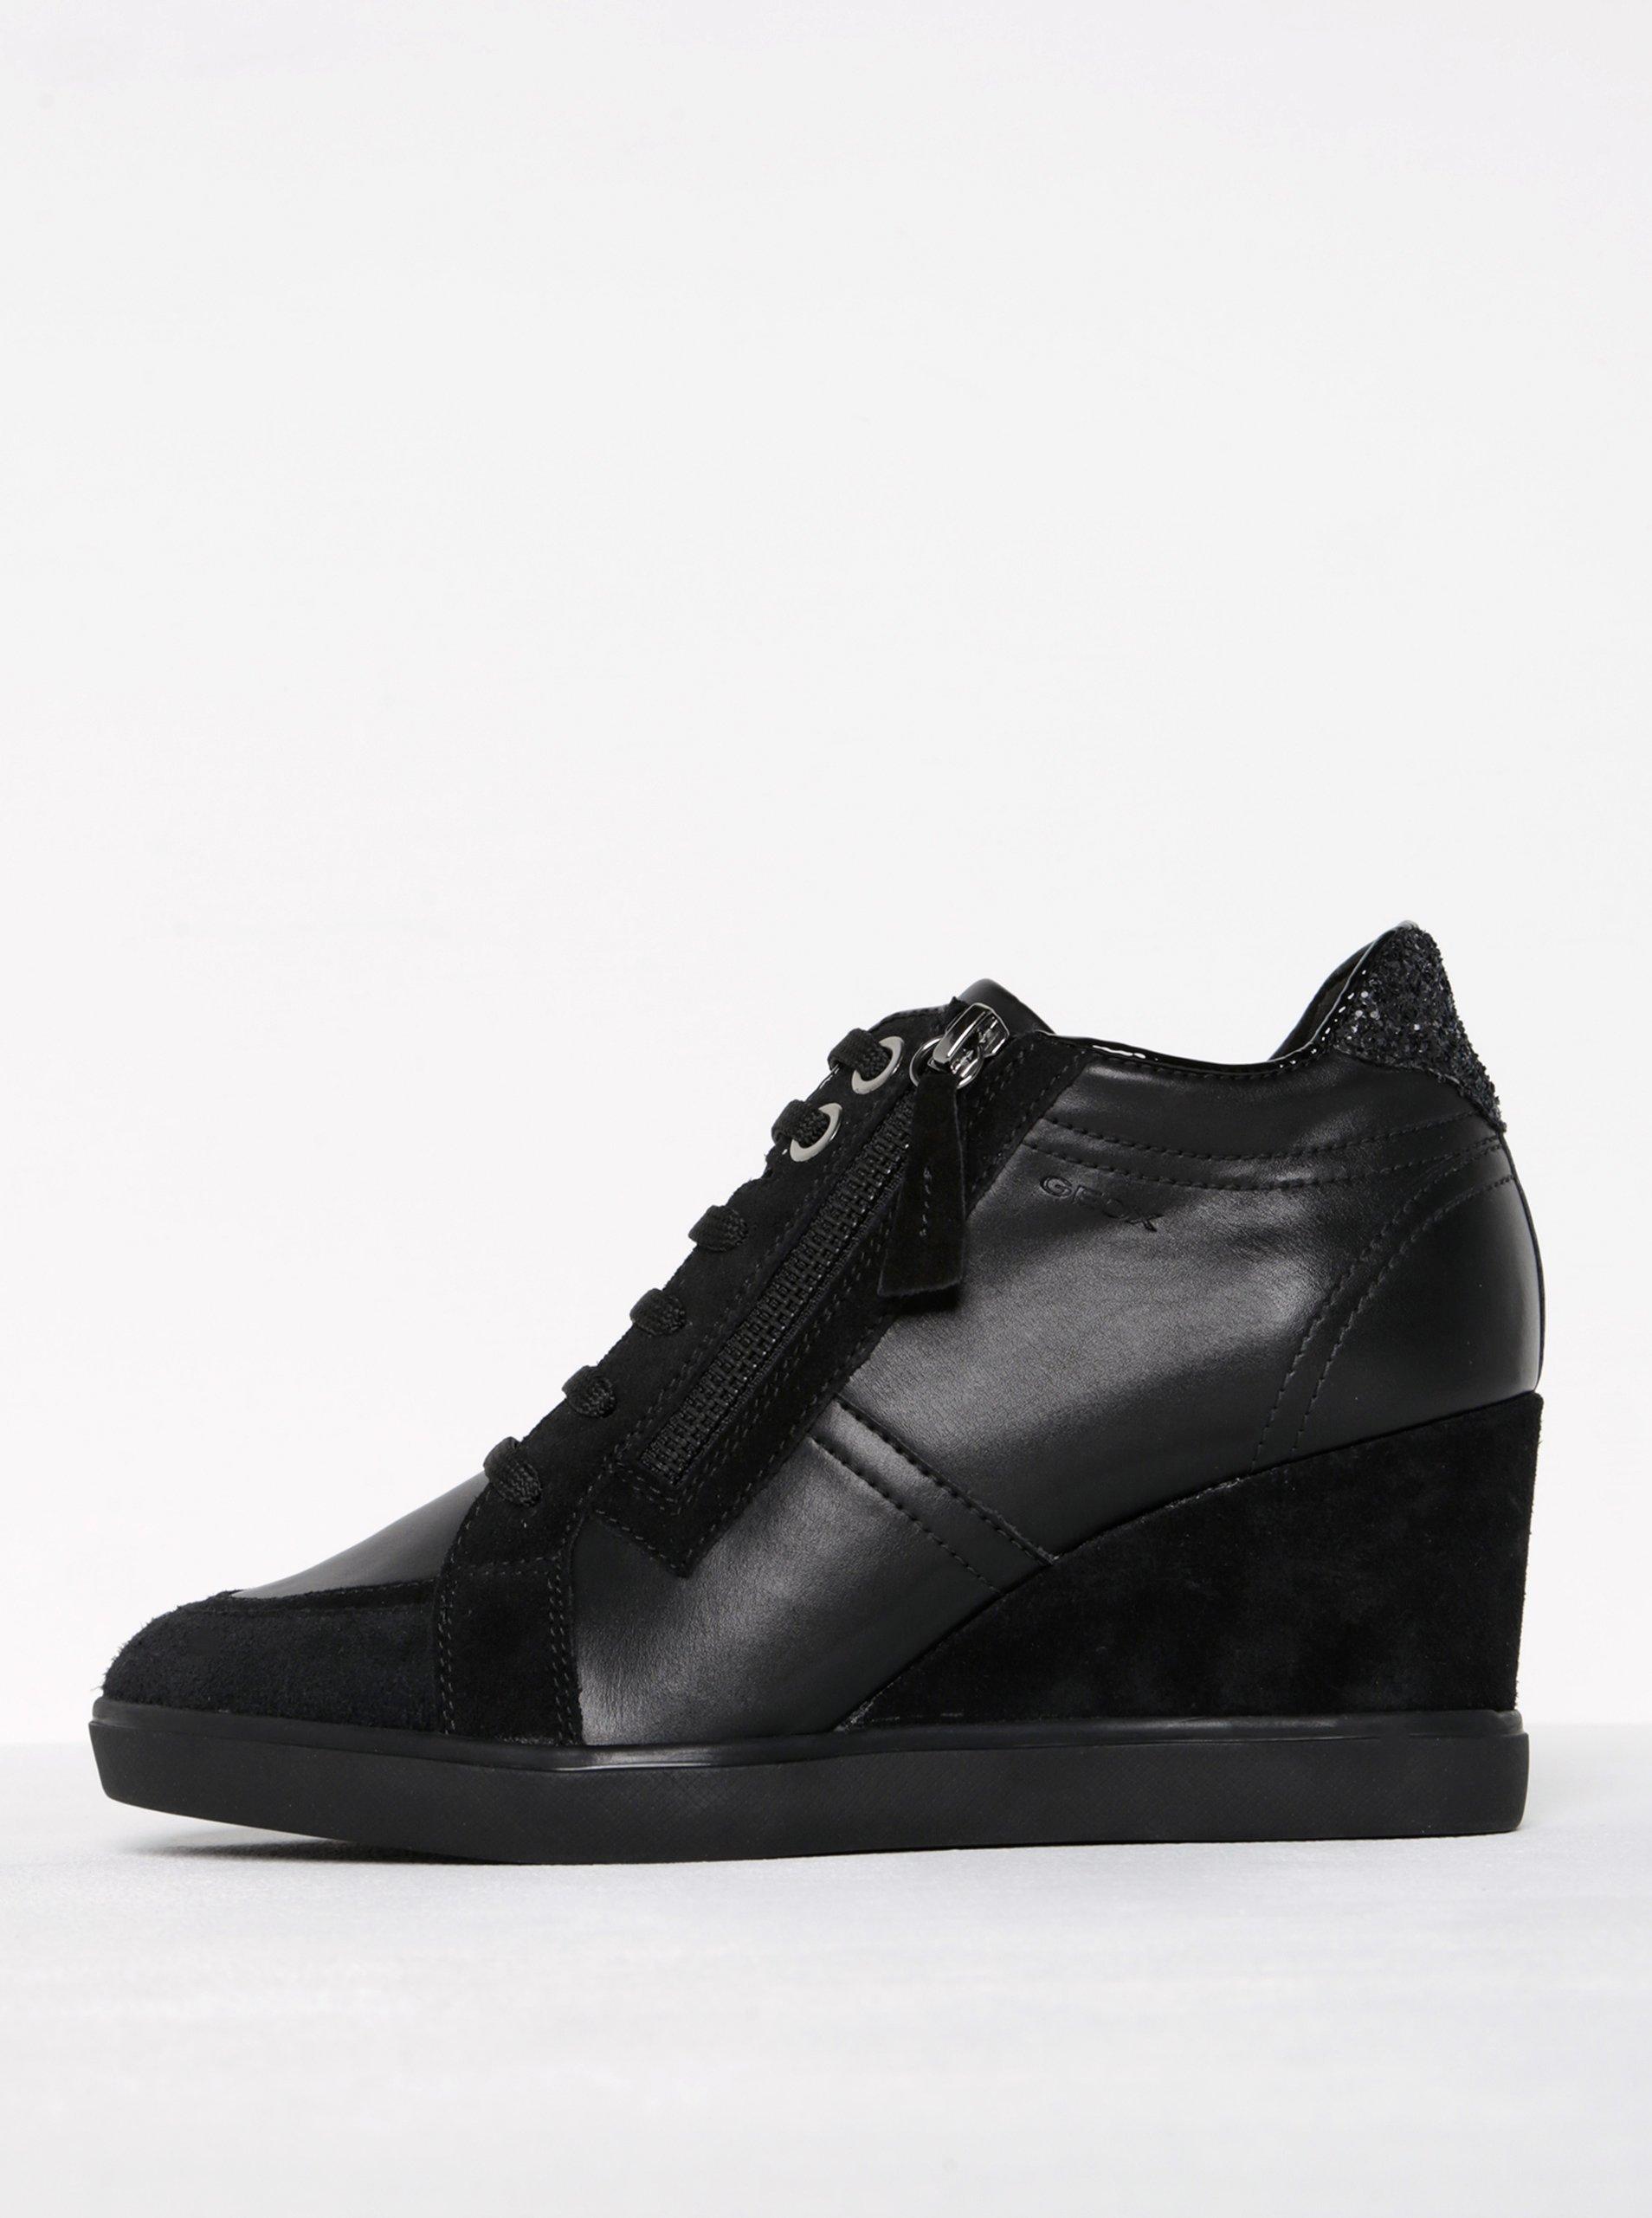 Čierne dámske tenisky na platforme s koženými detailmi Geox Eleni